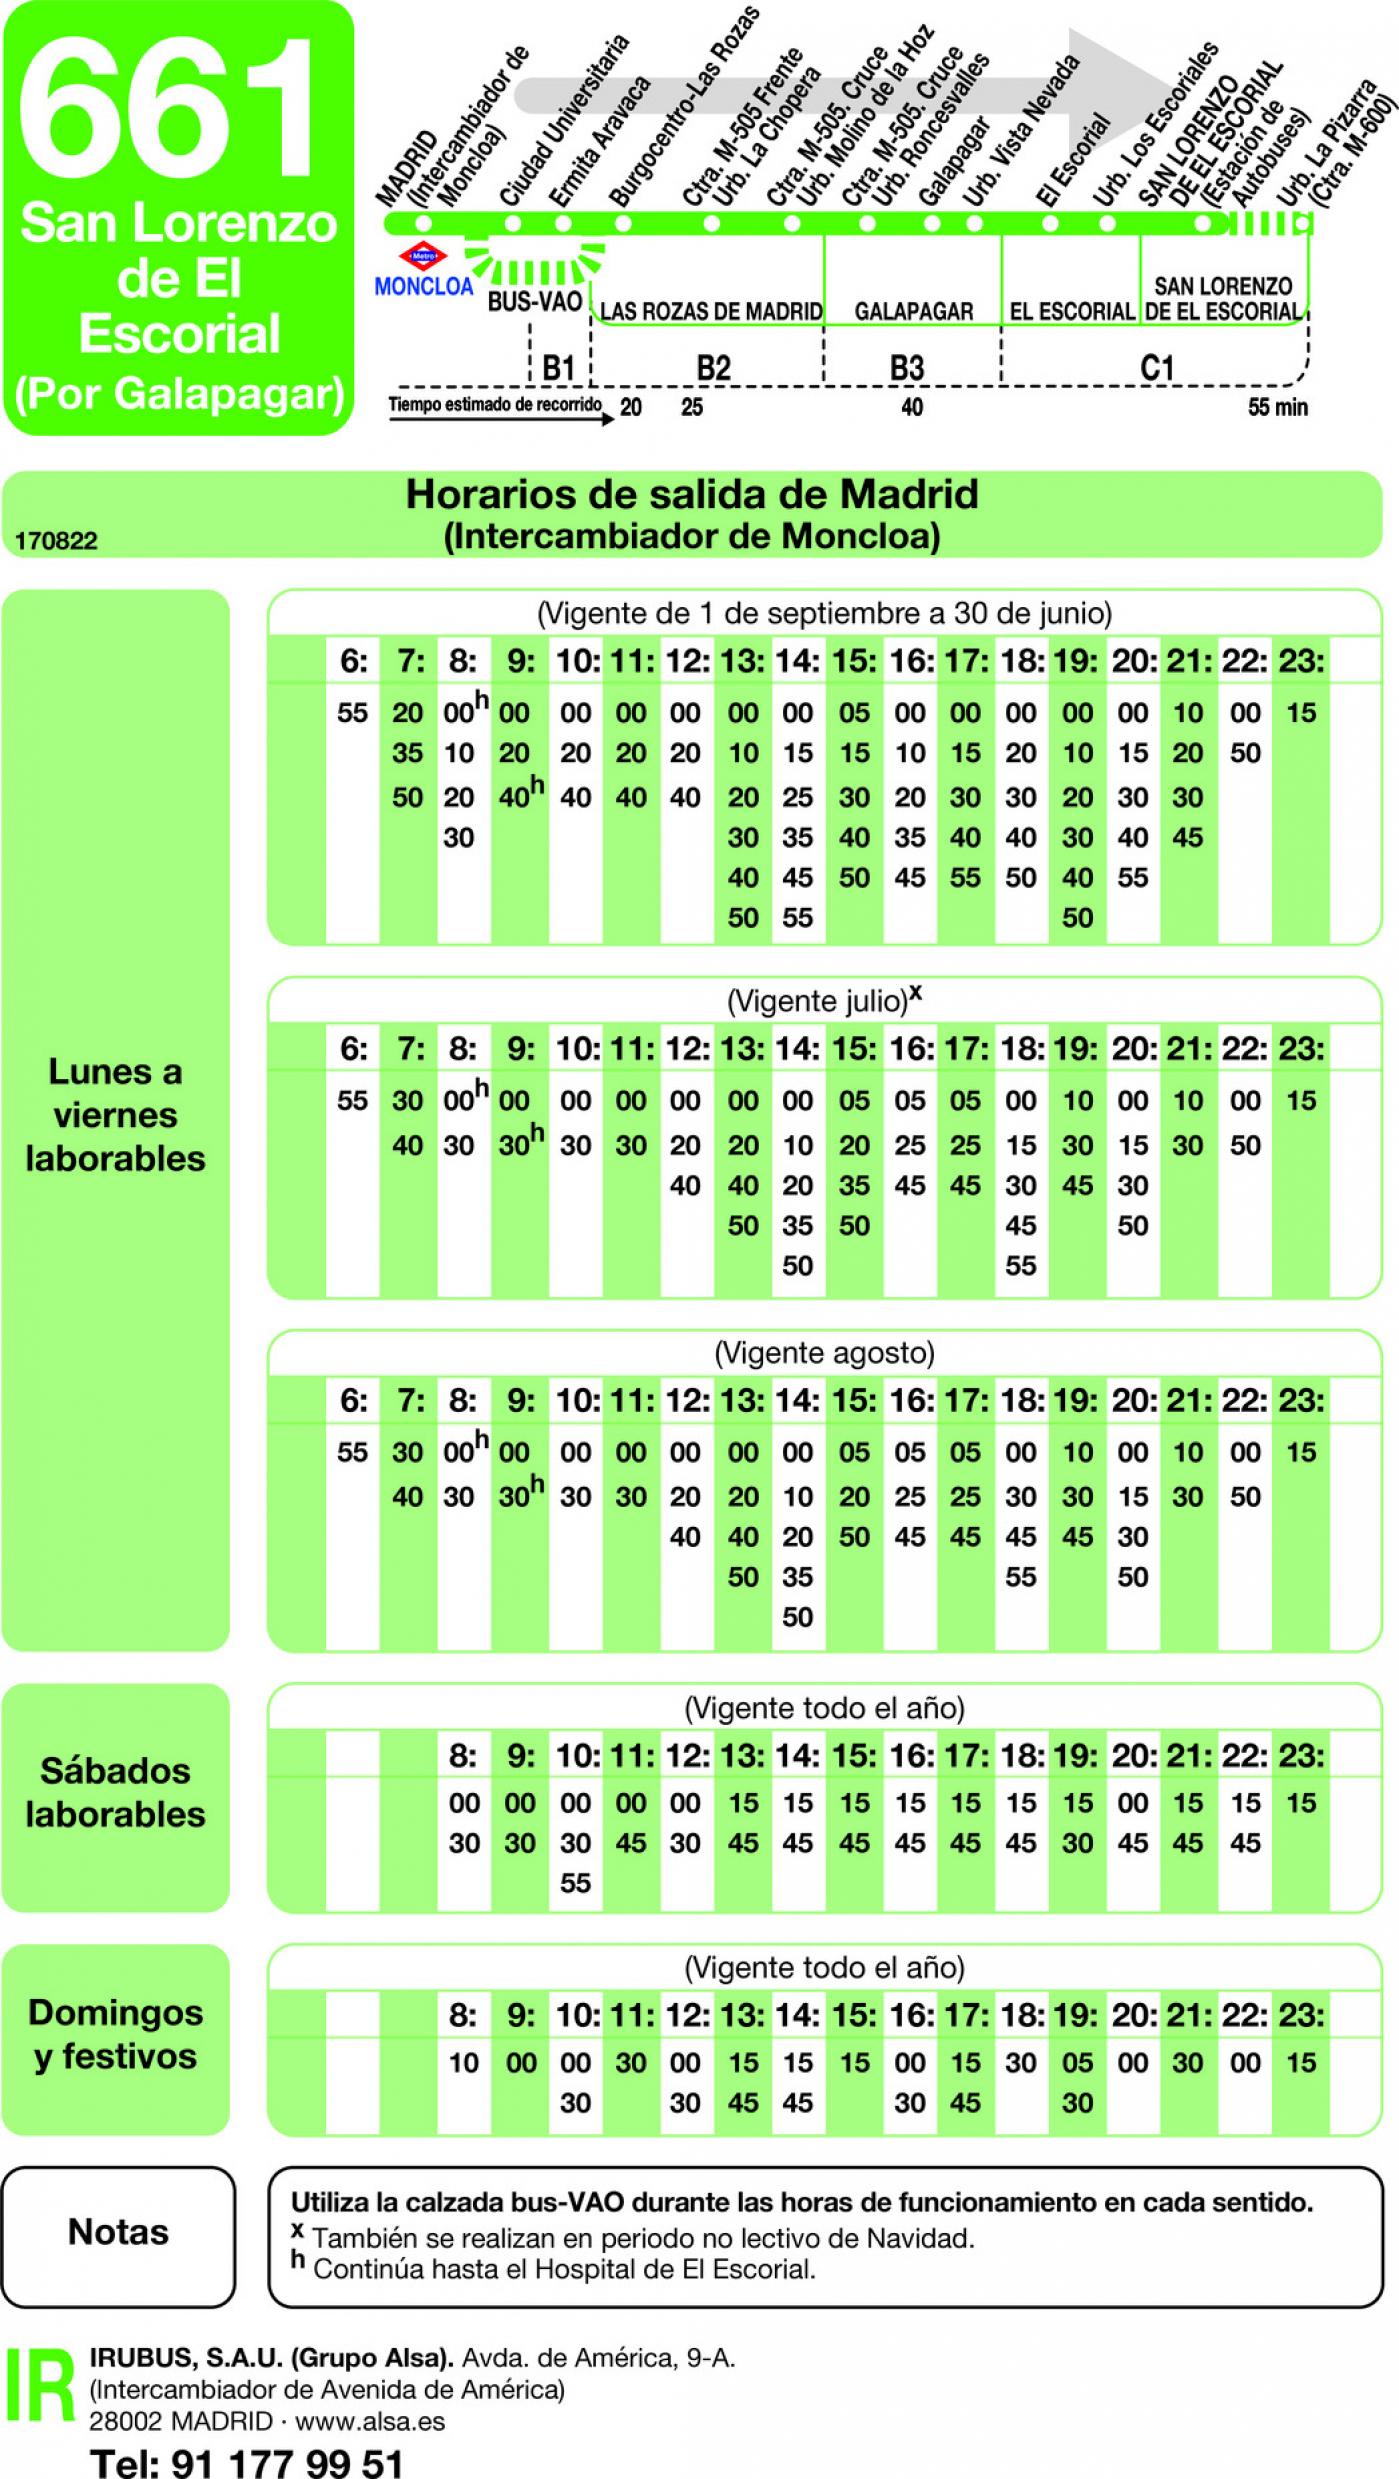 Tabla de horarios y frecuencias de paso en sentido ida Línea 661: Madrid (Moncloa) - San Lorenzo de El Escorial (Galapagar)